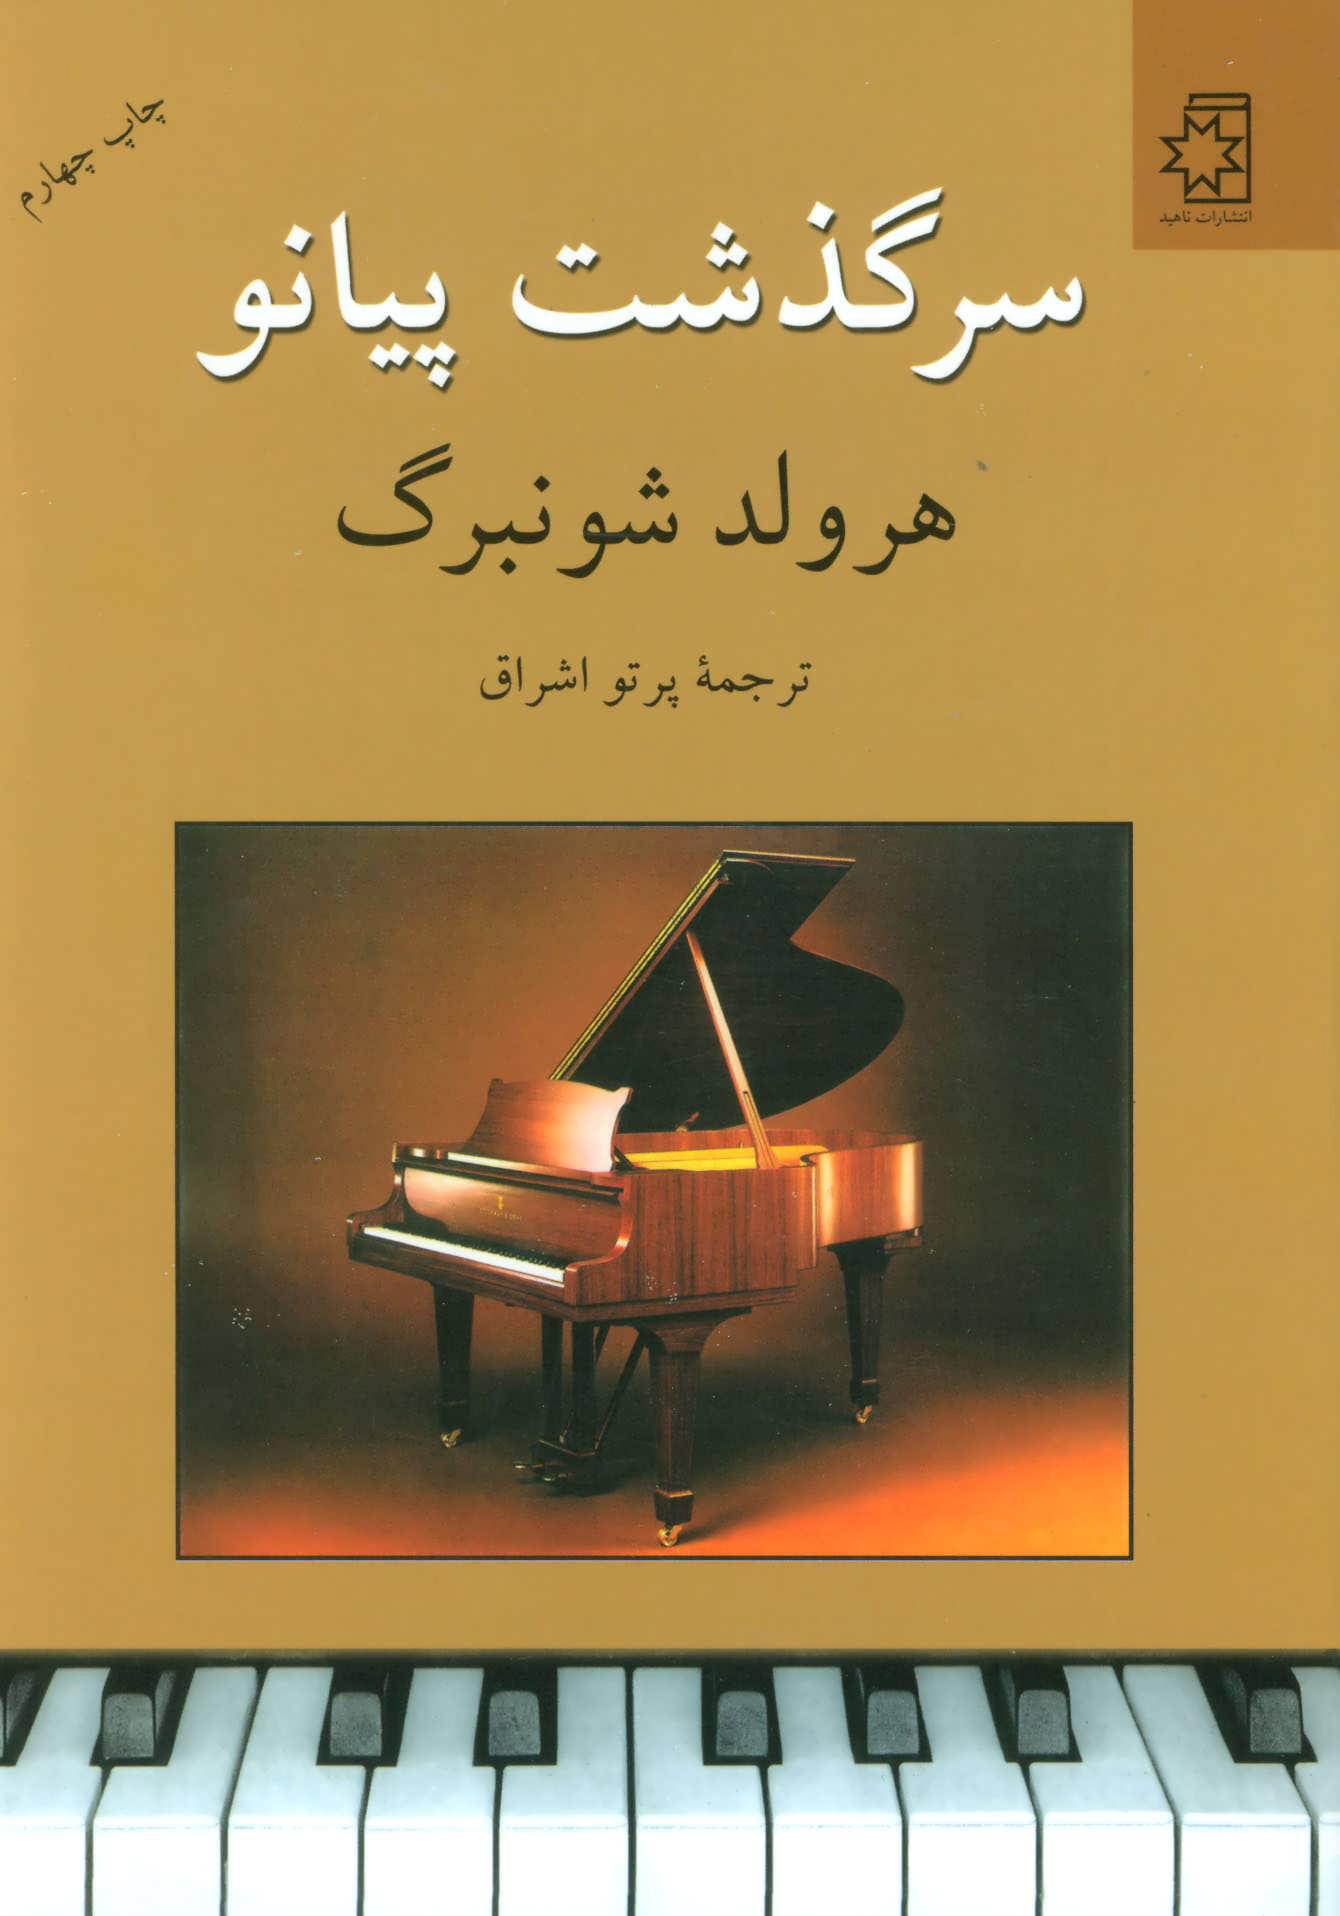 کتاب سرگذشت پیانو